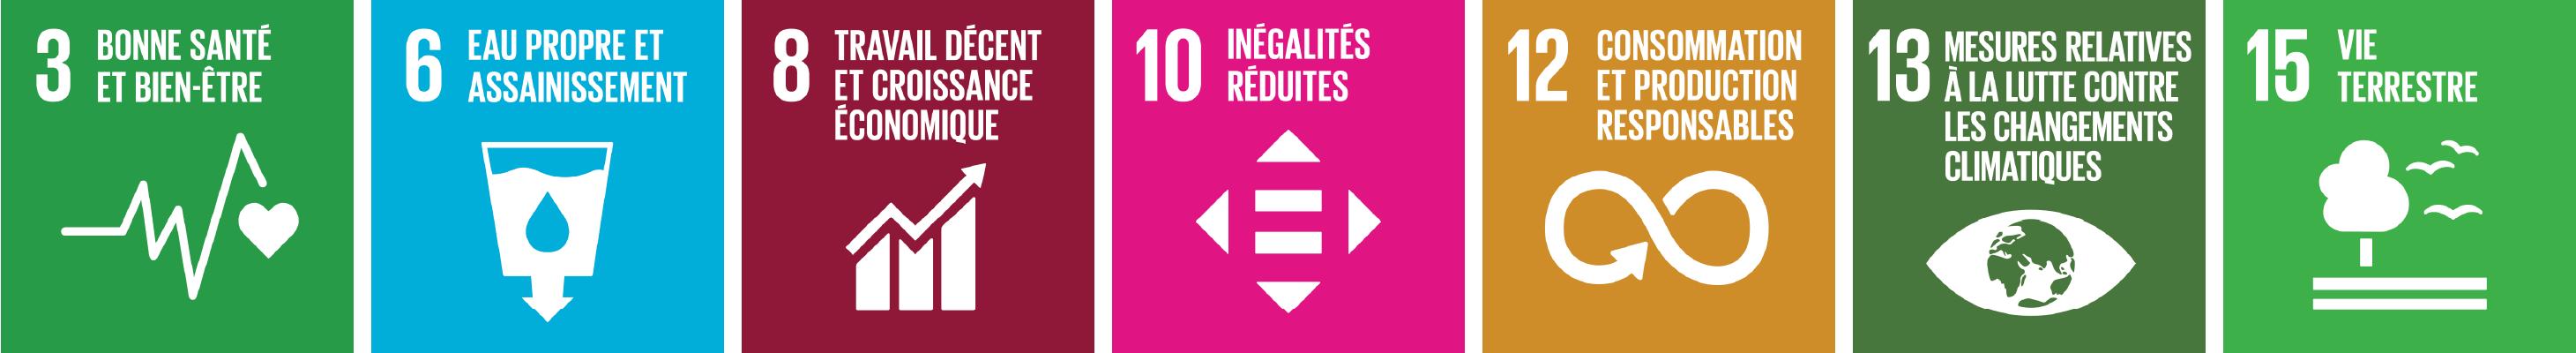 Objectifs de Développement Durable des Nations-Unies